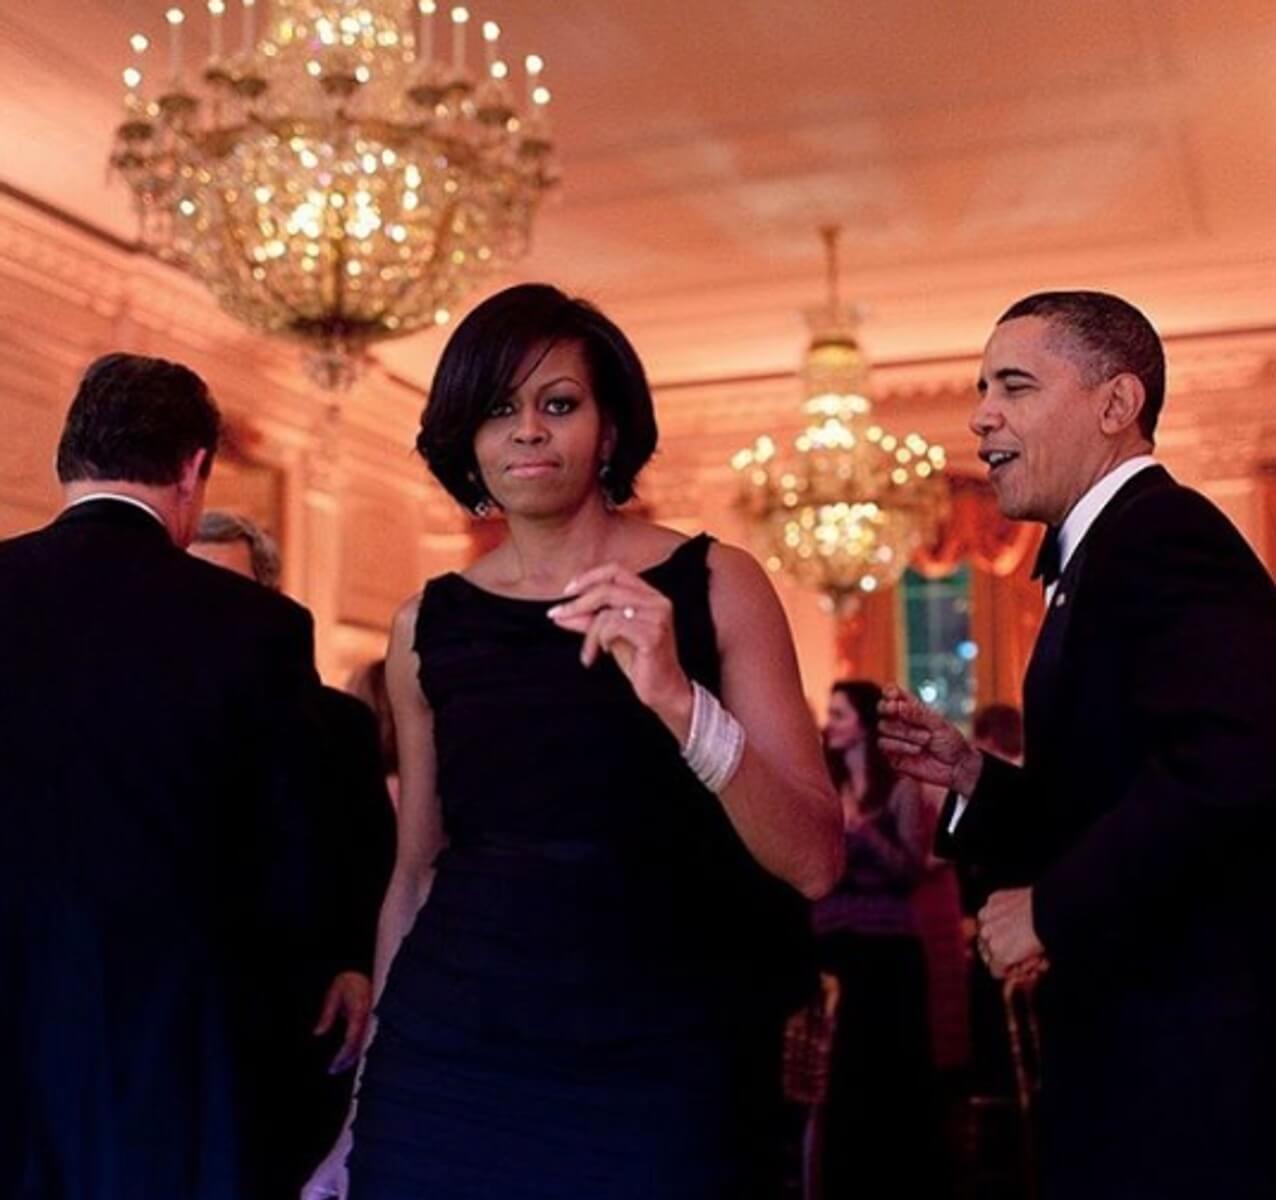 Ομπάμα: Χορευταρού η Μισέλ - «Έλιωσα» στον ύπνο όταν έφυγα από τον Λευκό Οίκο - Δεν ήξερα να φτιάξω καφέ!